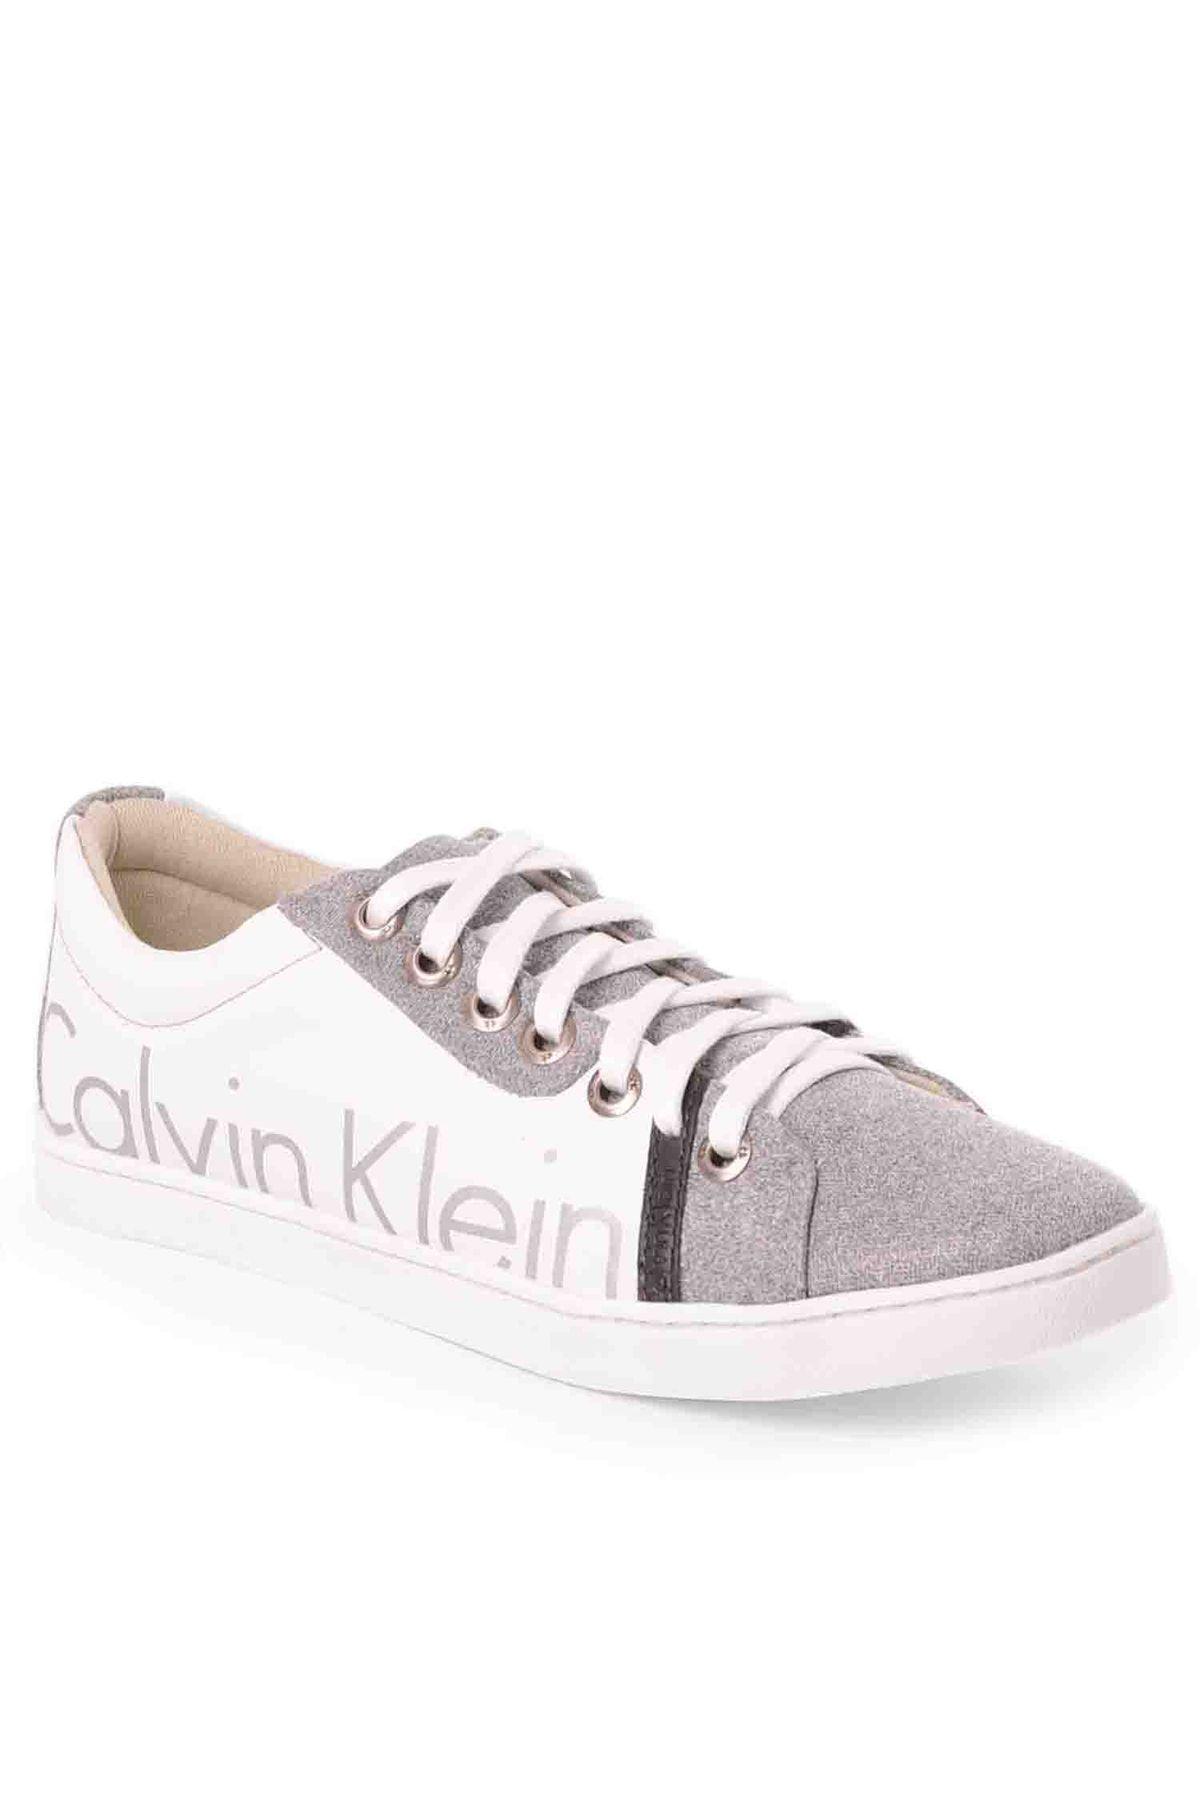 a53afa944 Sapatênis Calvin Klein New York | Mundial Calçados - Mundial Calçados